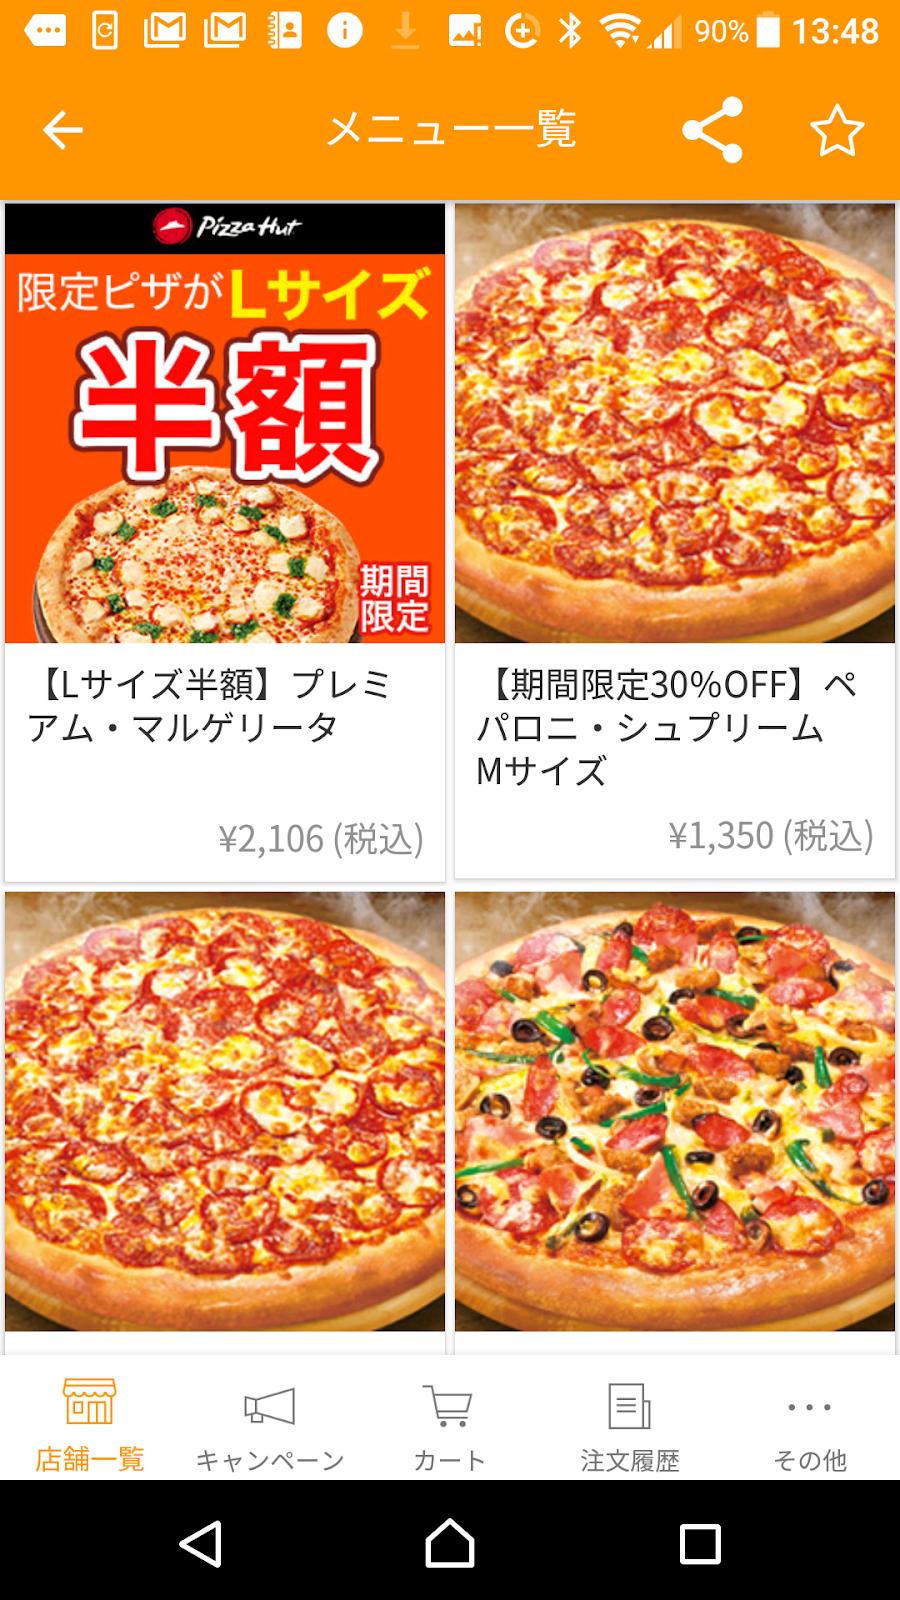 クーポン ない ピザハット 使え